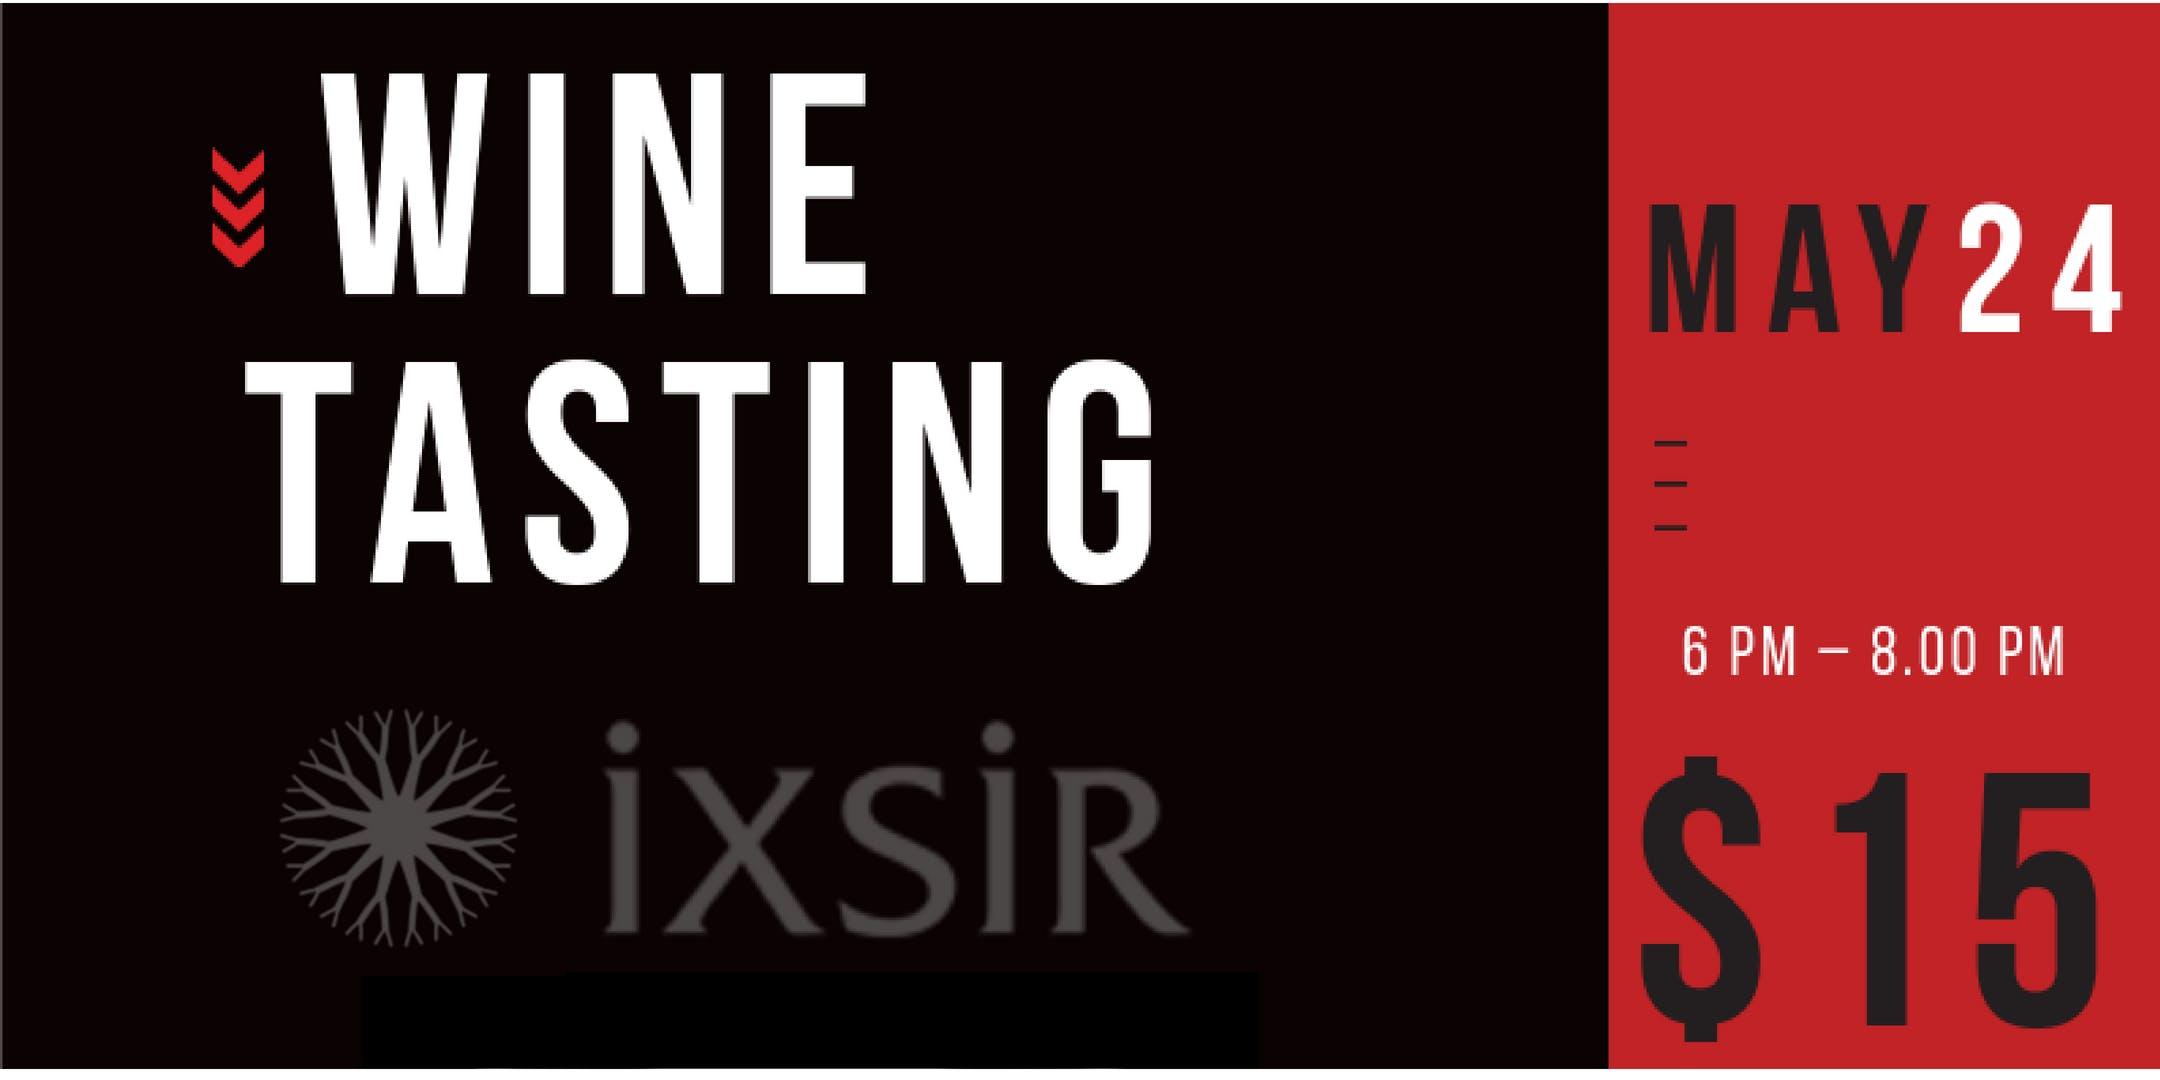 Ixsir Wine Tasting